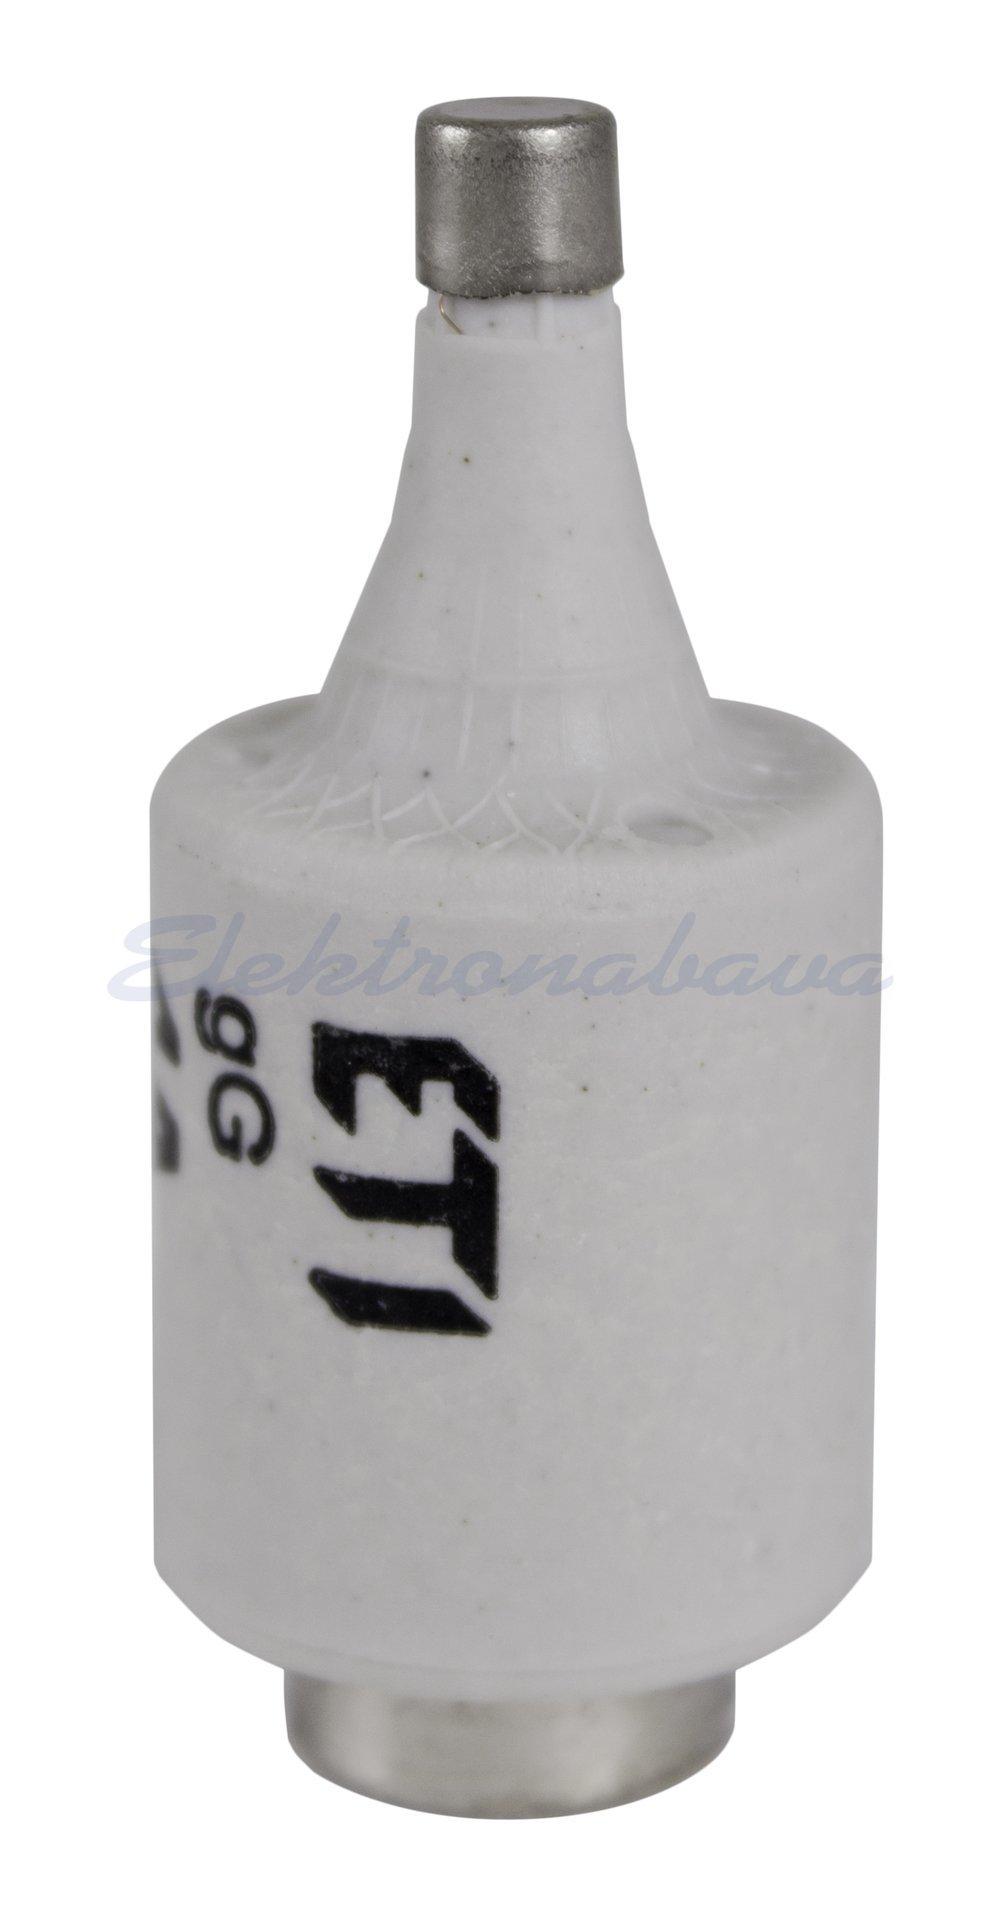 Slika proizvodaNiskonaponski topljivi uložak D DII 20A gG PLA